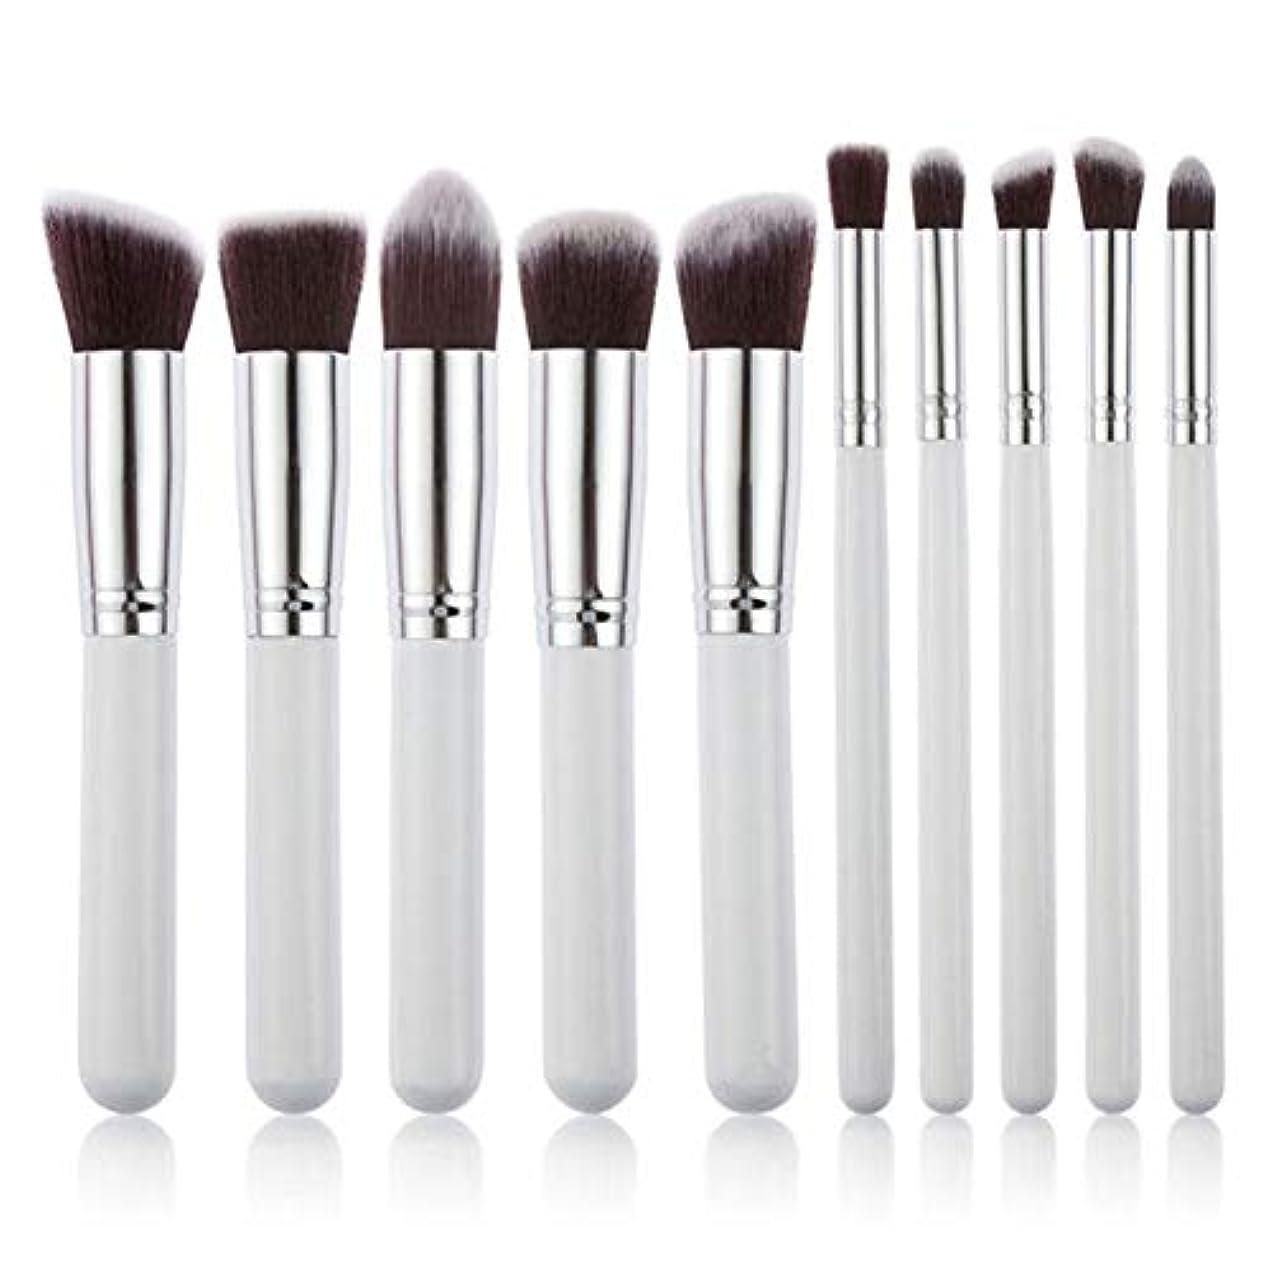 ハンサム再集計農業Makeup brushes 10ピースWhiteMakeupブラシセットモダンスラックパウダーブラシアイシャドウブラシコンターブラシ suits (Color : White Silver)